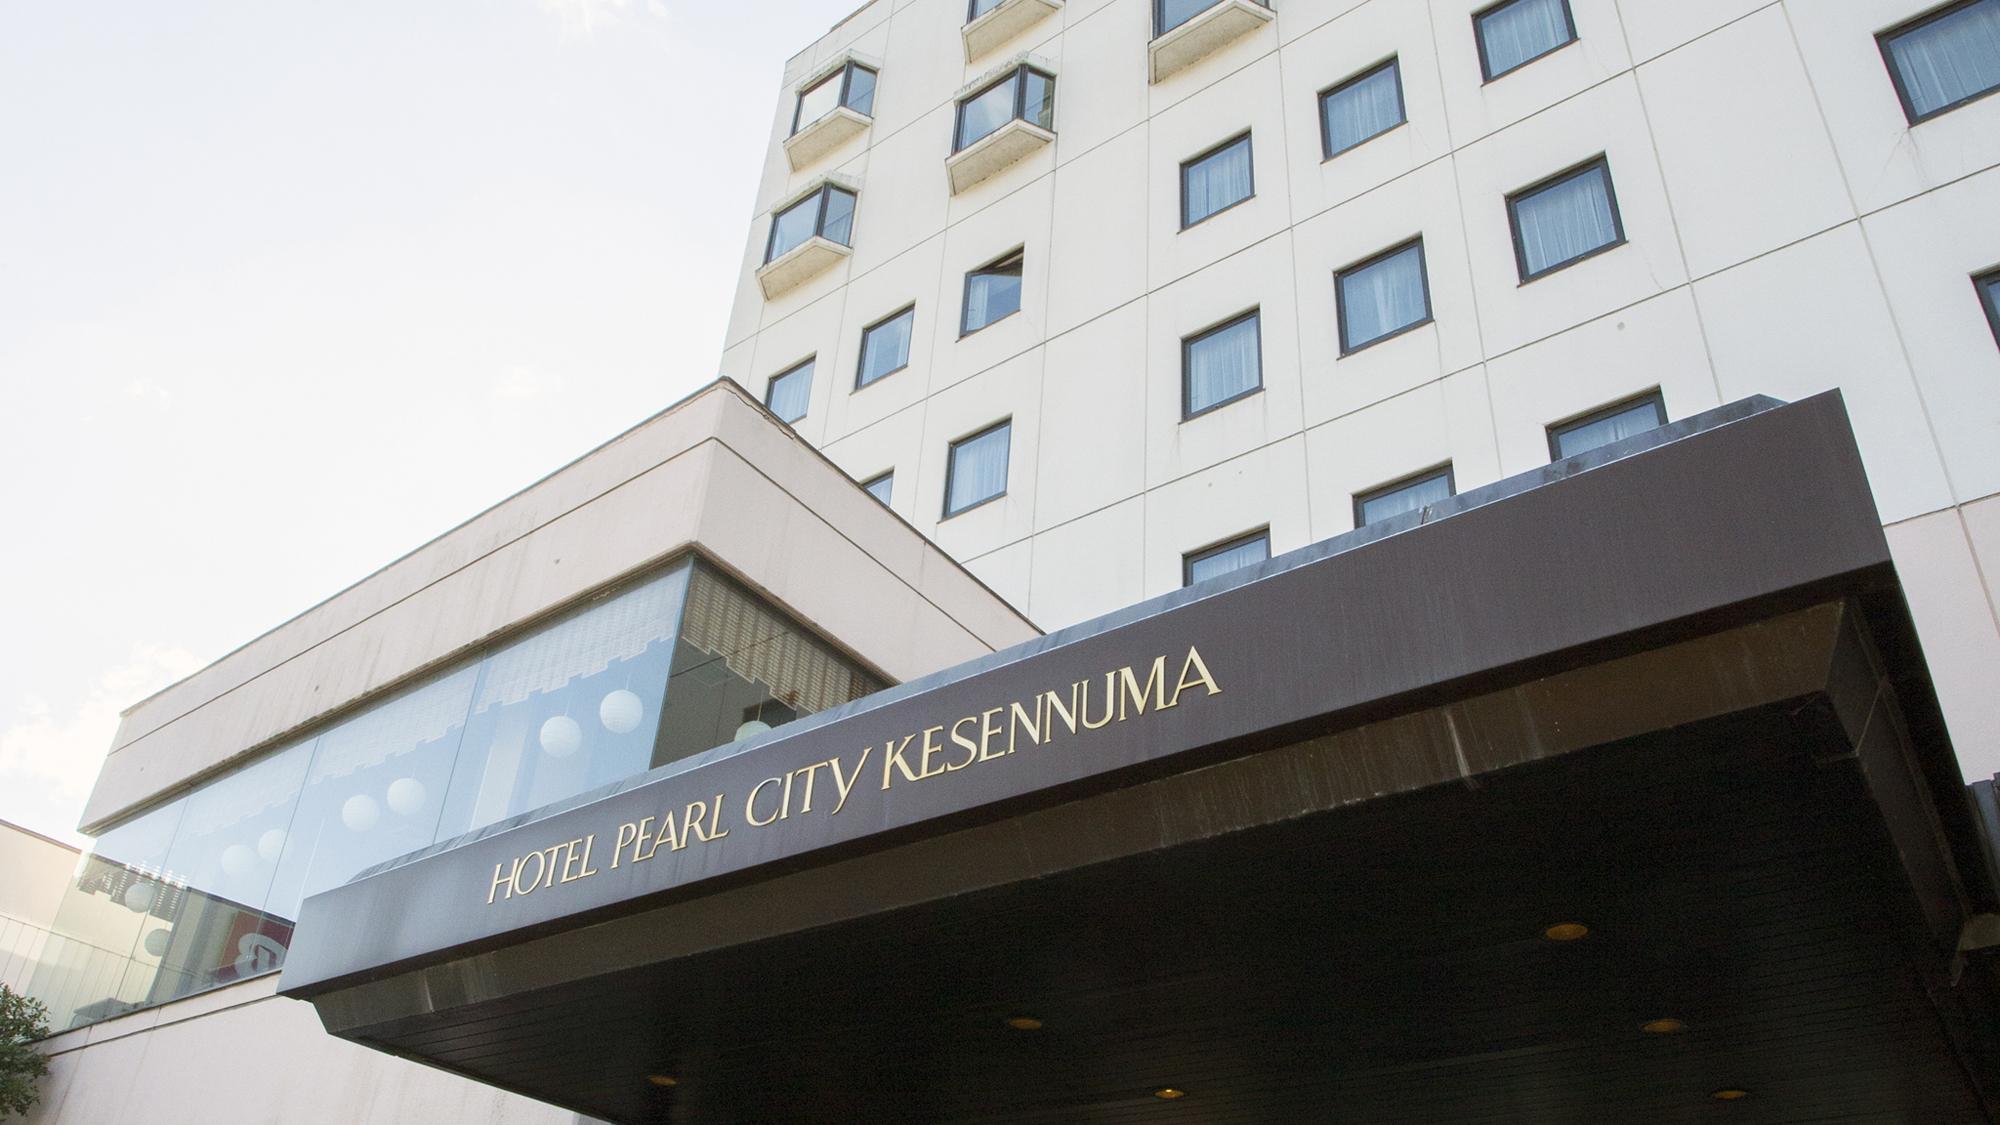 ホテルパールシティ気仙沼 image